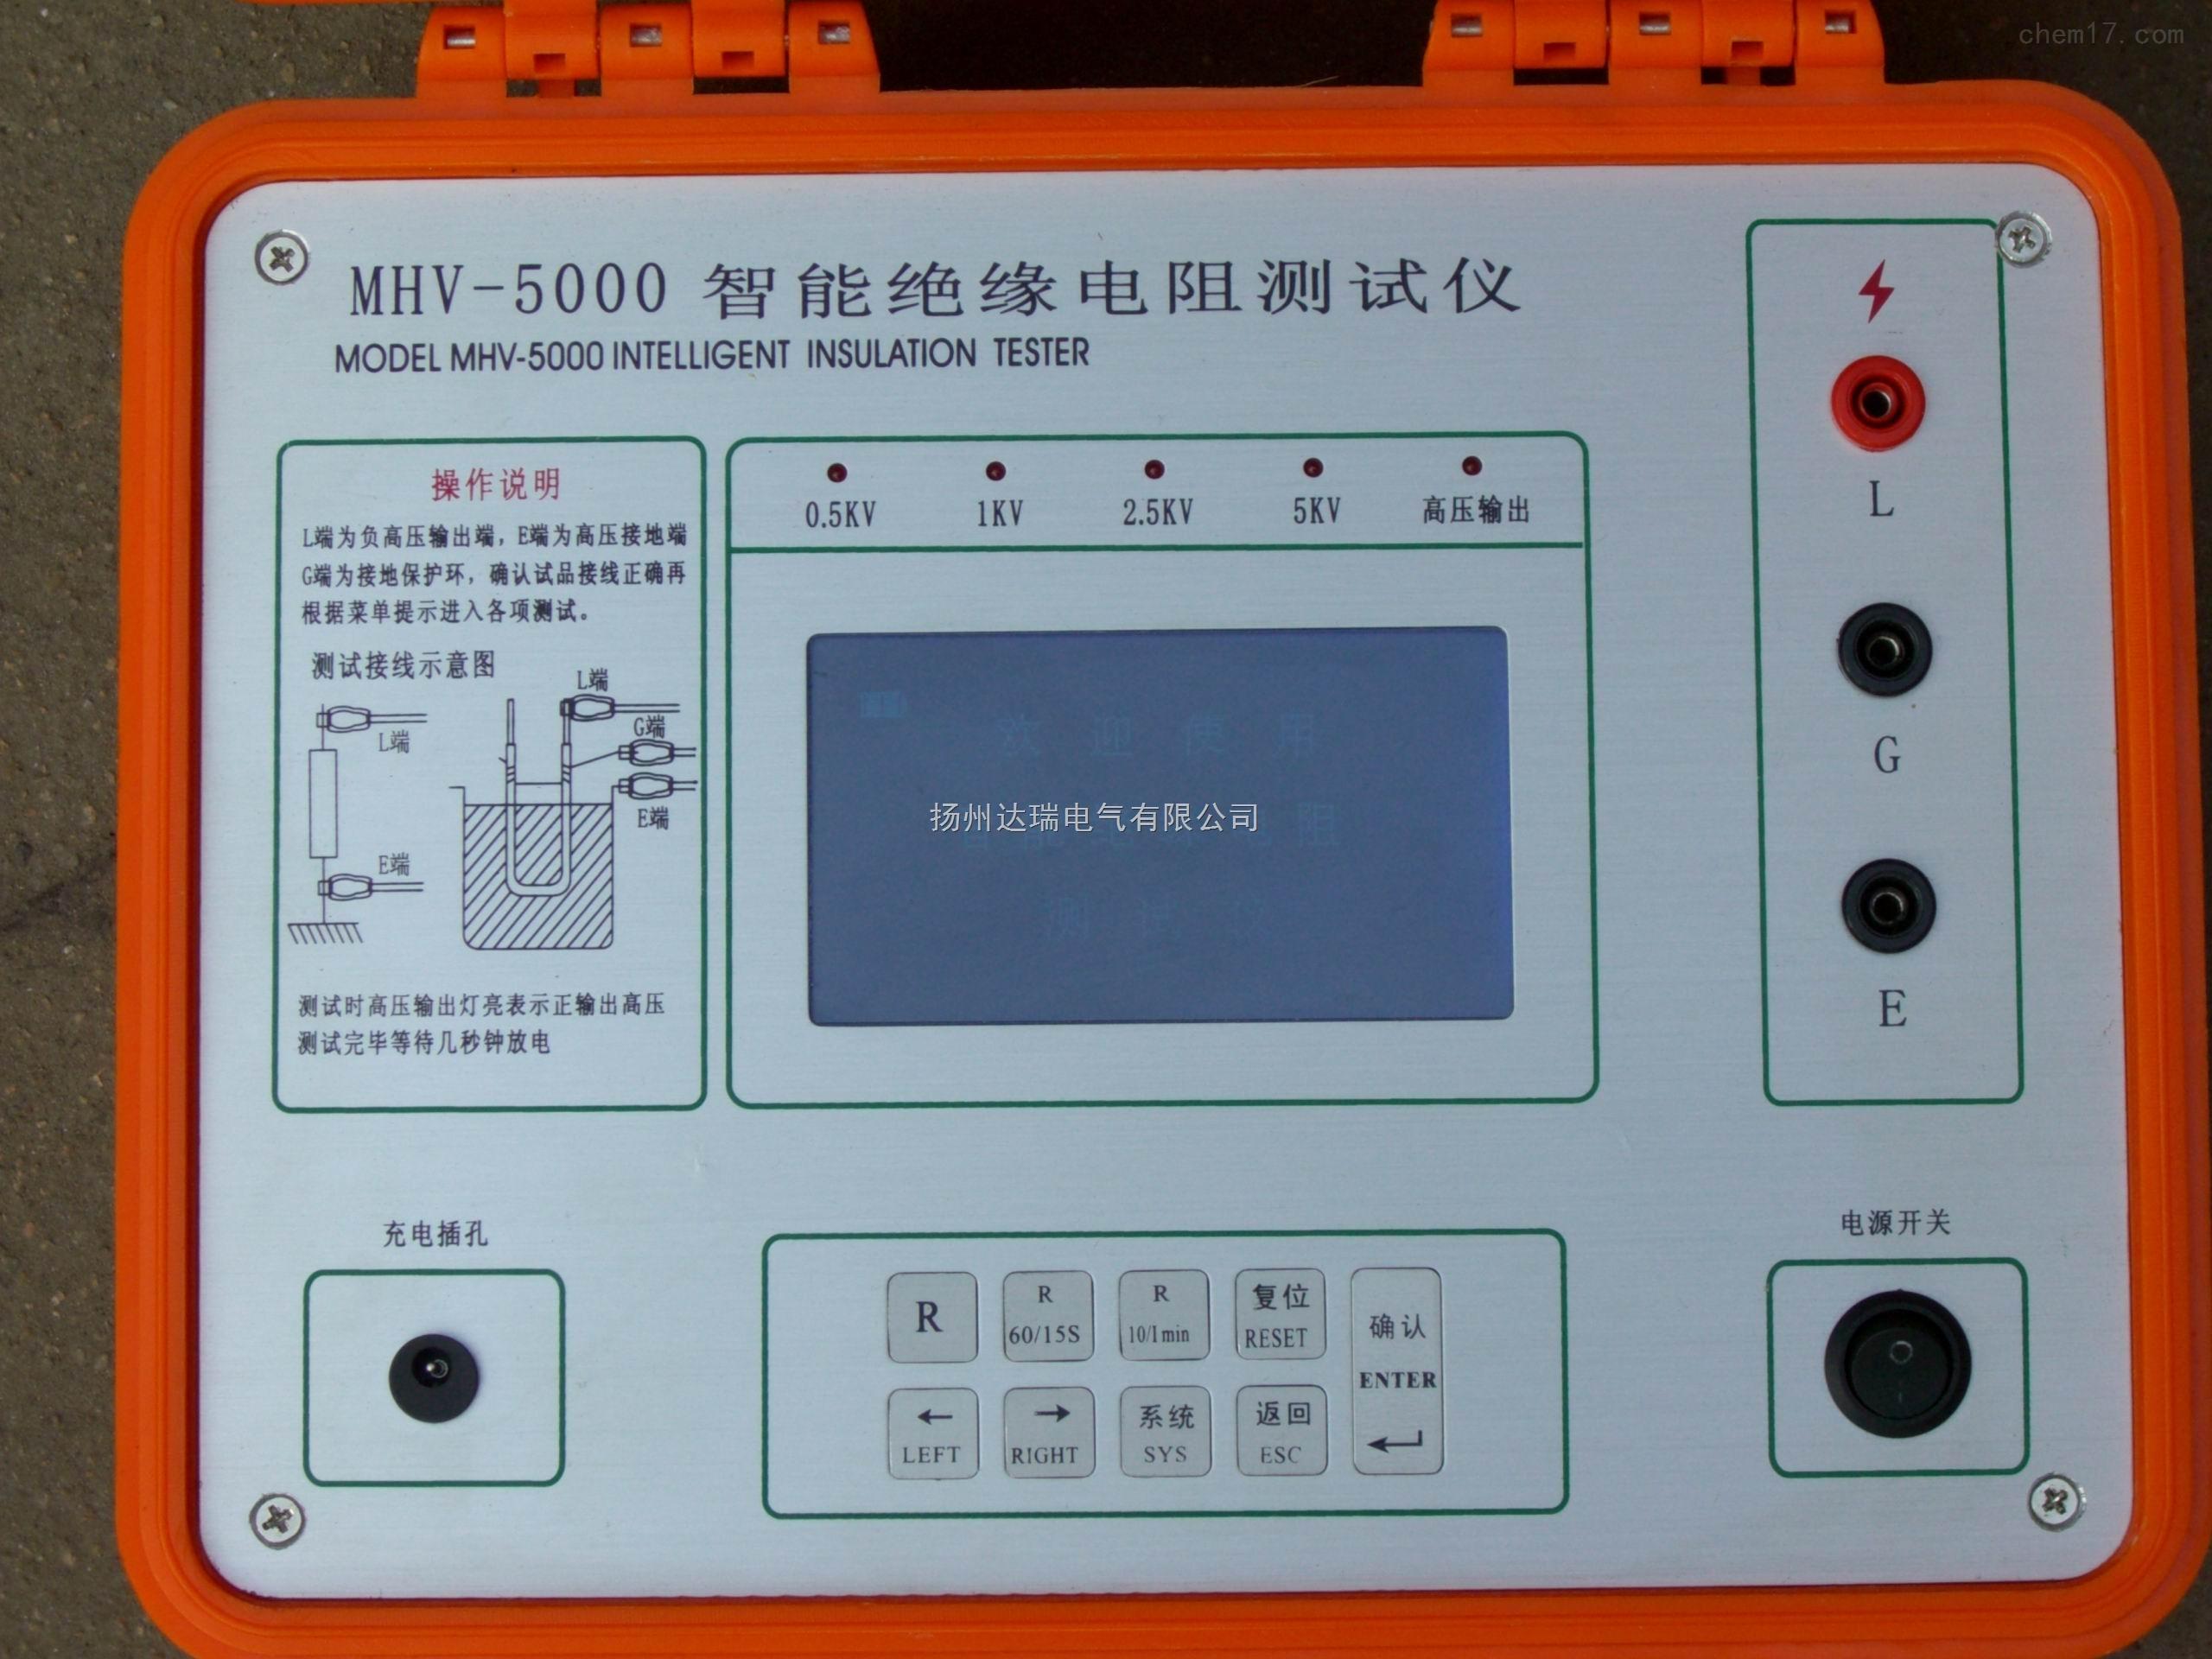 2550型绝缘电阻测试仪别称: 数字式兆欧表、指针兆欧表、绝缘表、高压兆欧表、绝缘电阻测试仪、绝缘电阻测量仪、绝缘特性测试仪、指针式绝缘电阻测试仪。 2550型绝缘电阻测试仪特性: 1、BC2550型在2500V最高可测100GΩ, 在5000V最高可测200GΩ; 2、额定的输出电压保持在BC2550型为20MΩ/40MΩ,这使得仪表能够精确测量较低的绝缘阻抗。 3、自动转换的高低范围双刻度指示, 彩色刻度易于读识, 并且有LED显示相应色彩。 4、整机采